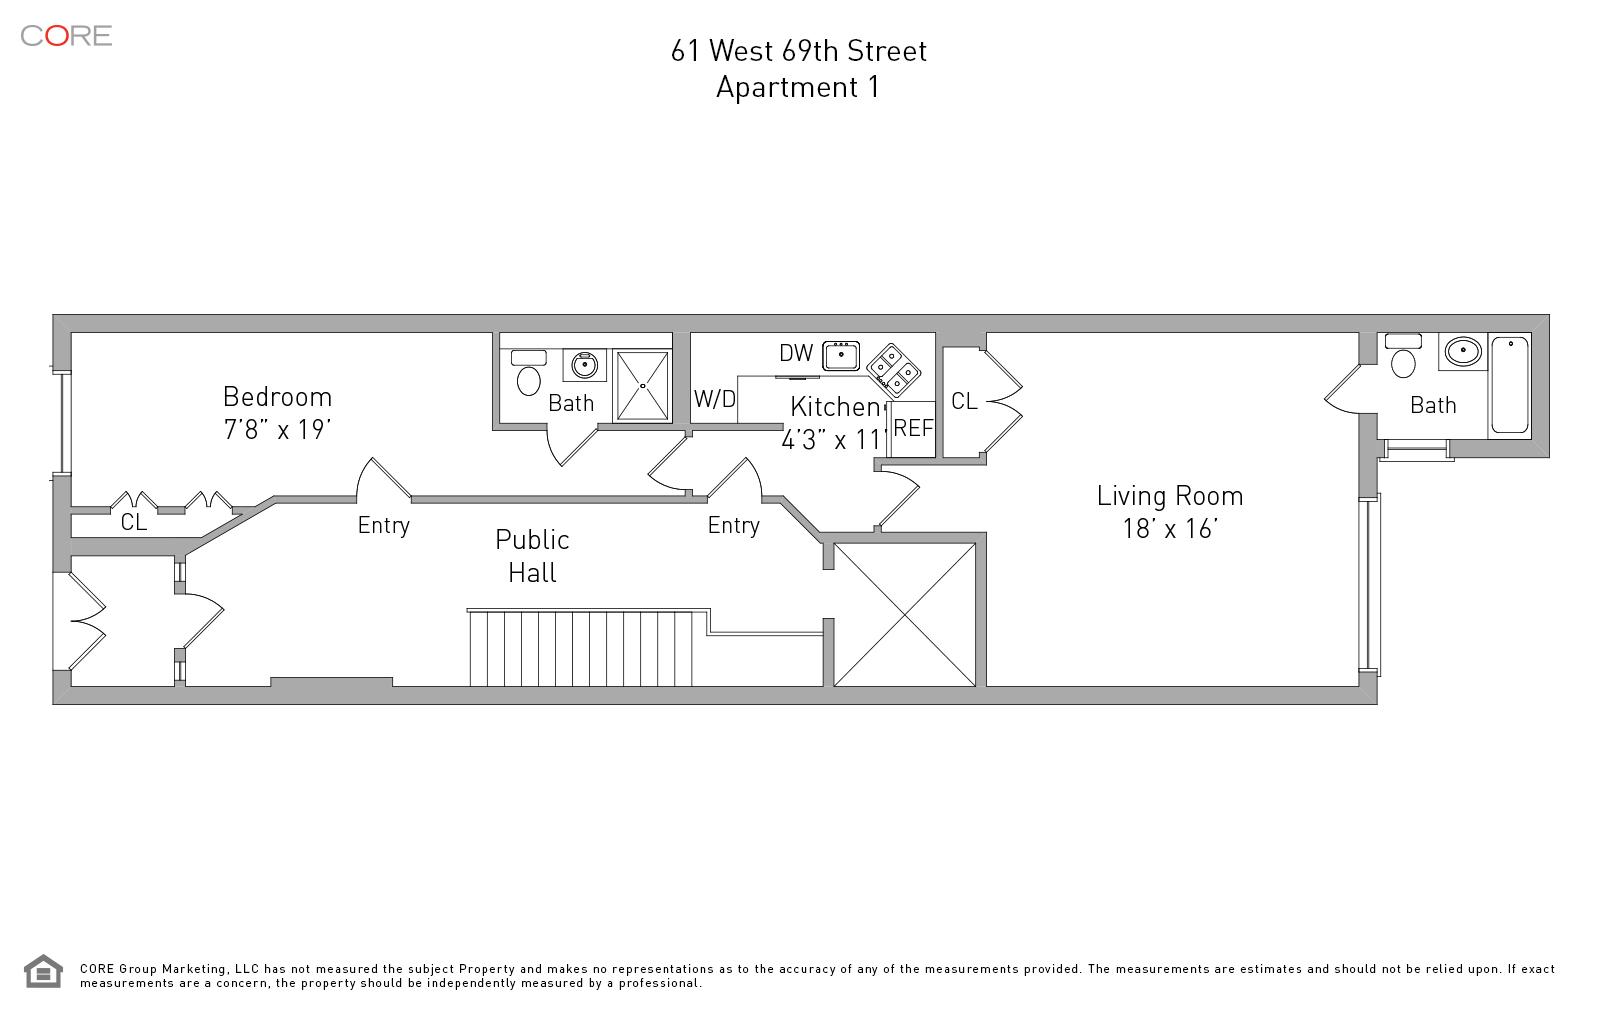 61 West 69th St. 1, New York, NY 10023